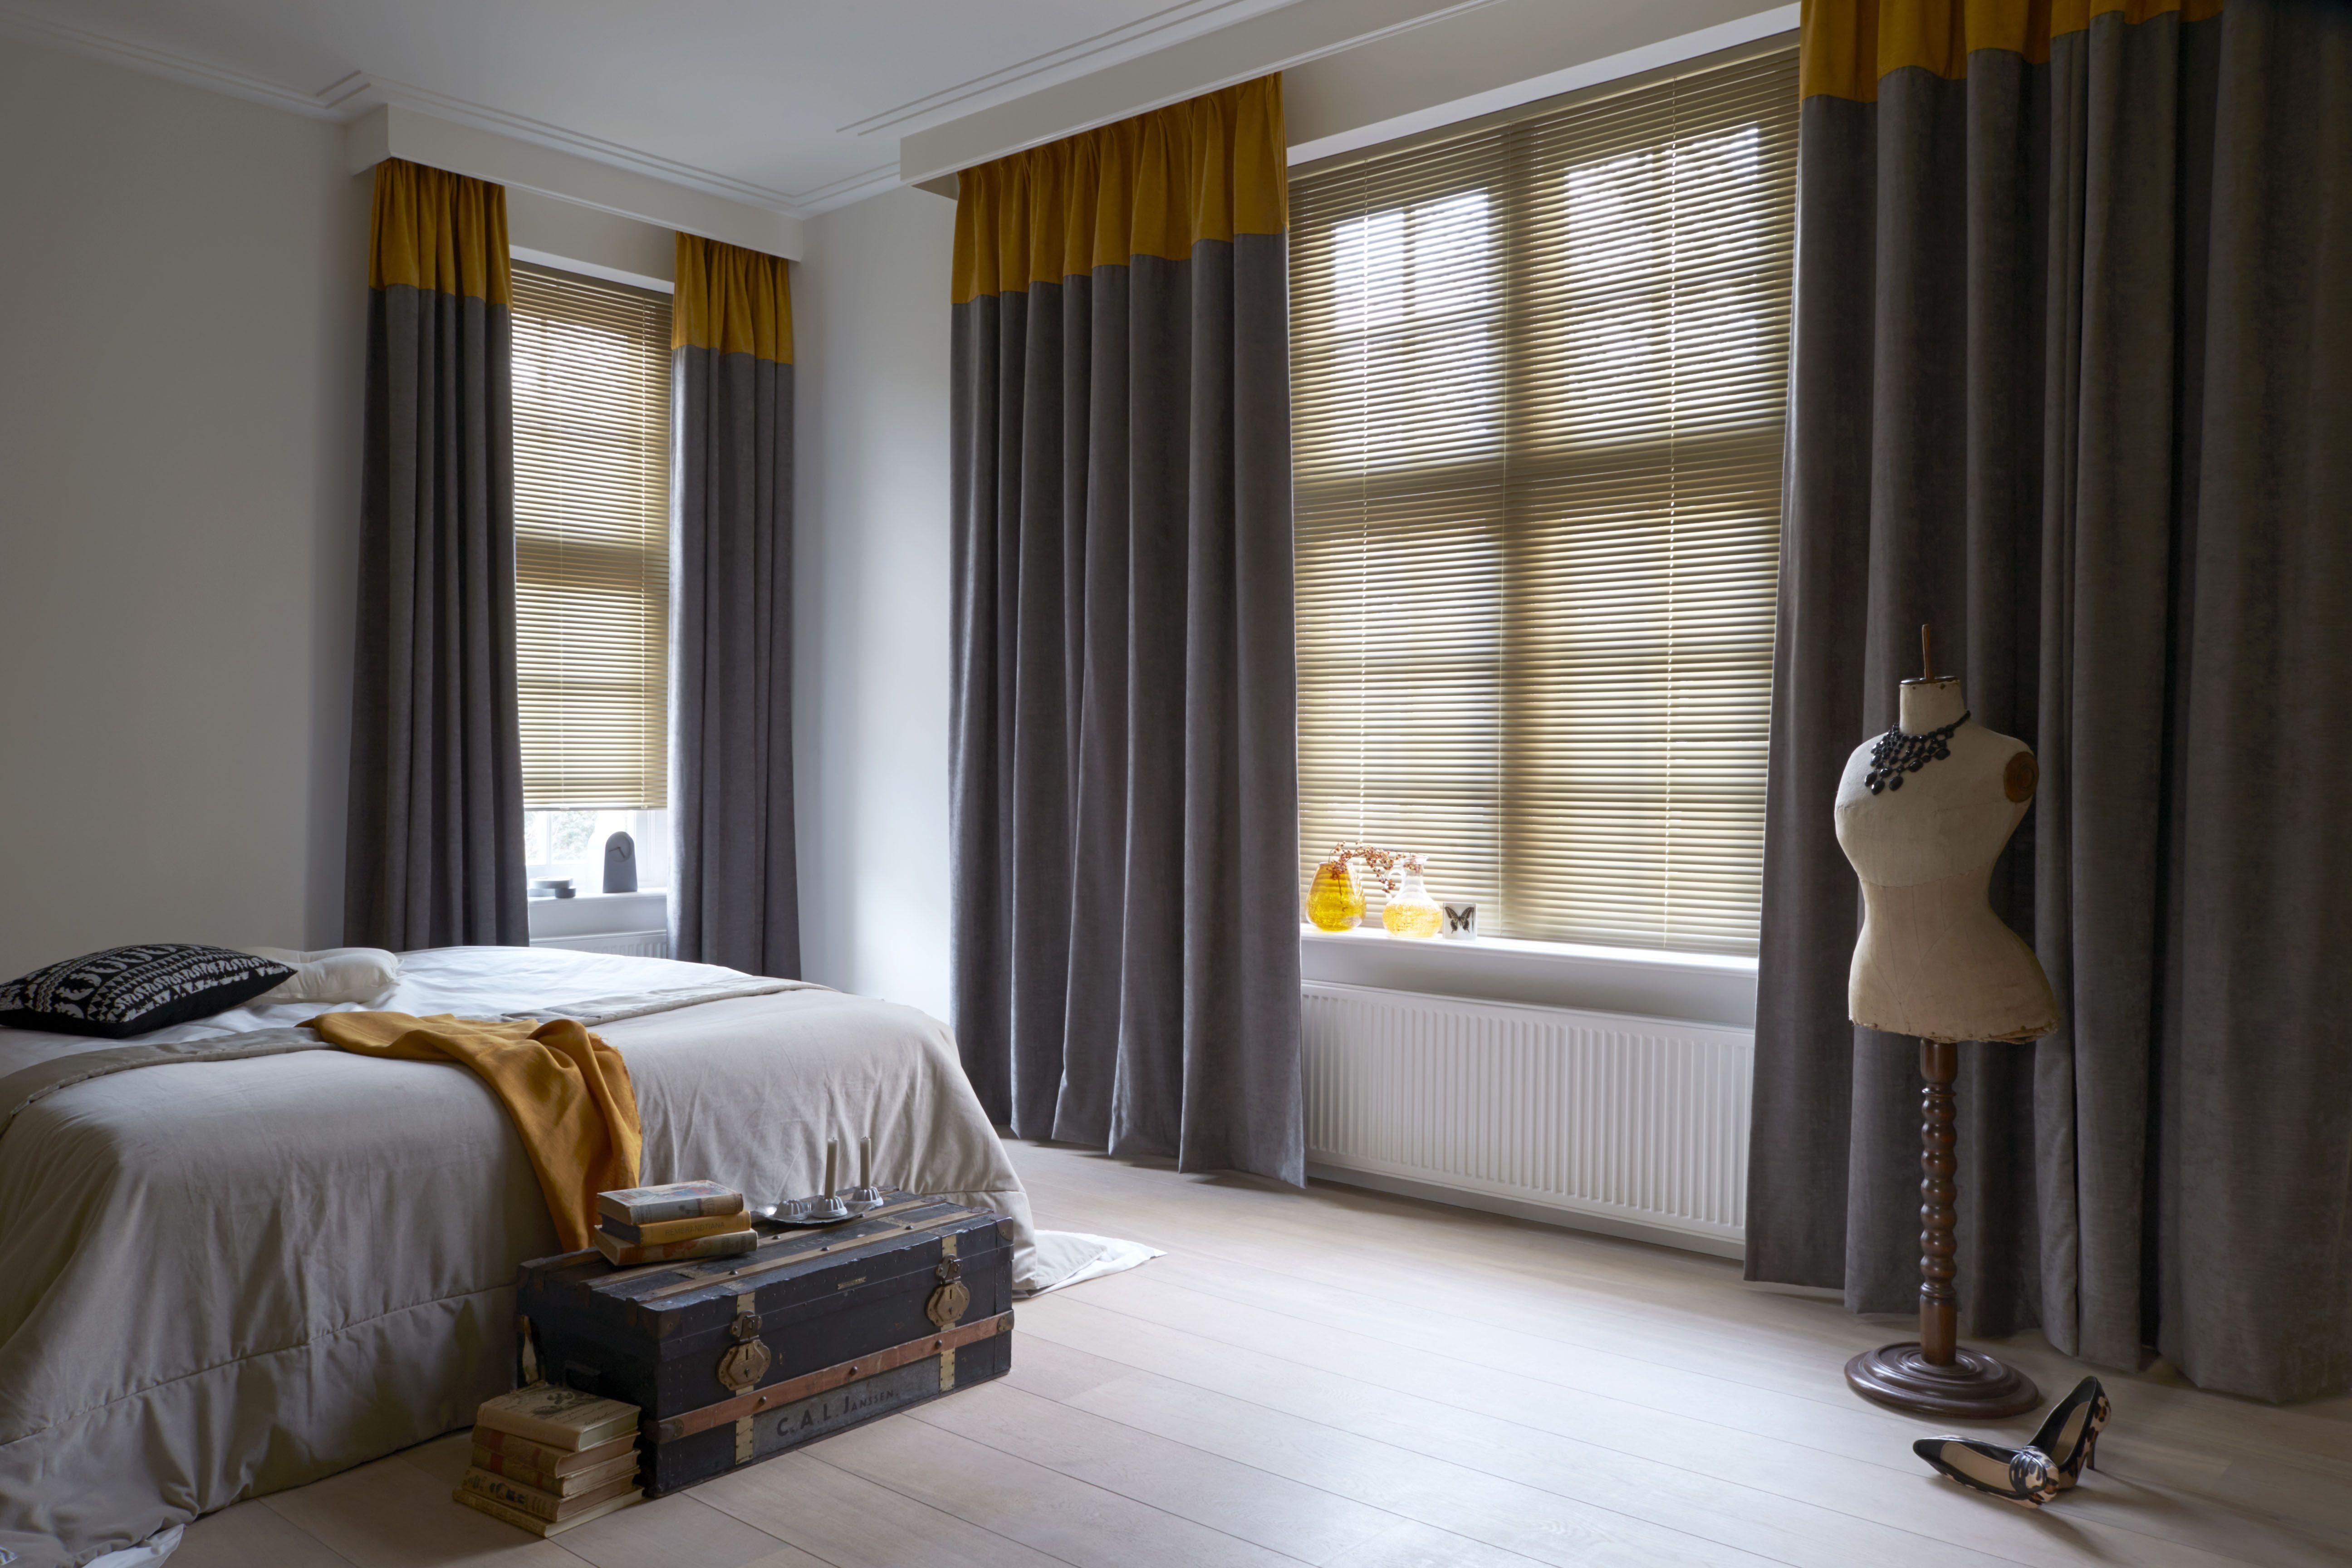 raamdecoratie in de kleuren oker en grijs raamdecoratie gordijnen horizontalejaloezien bece wwwbecenl